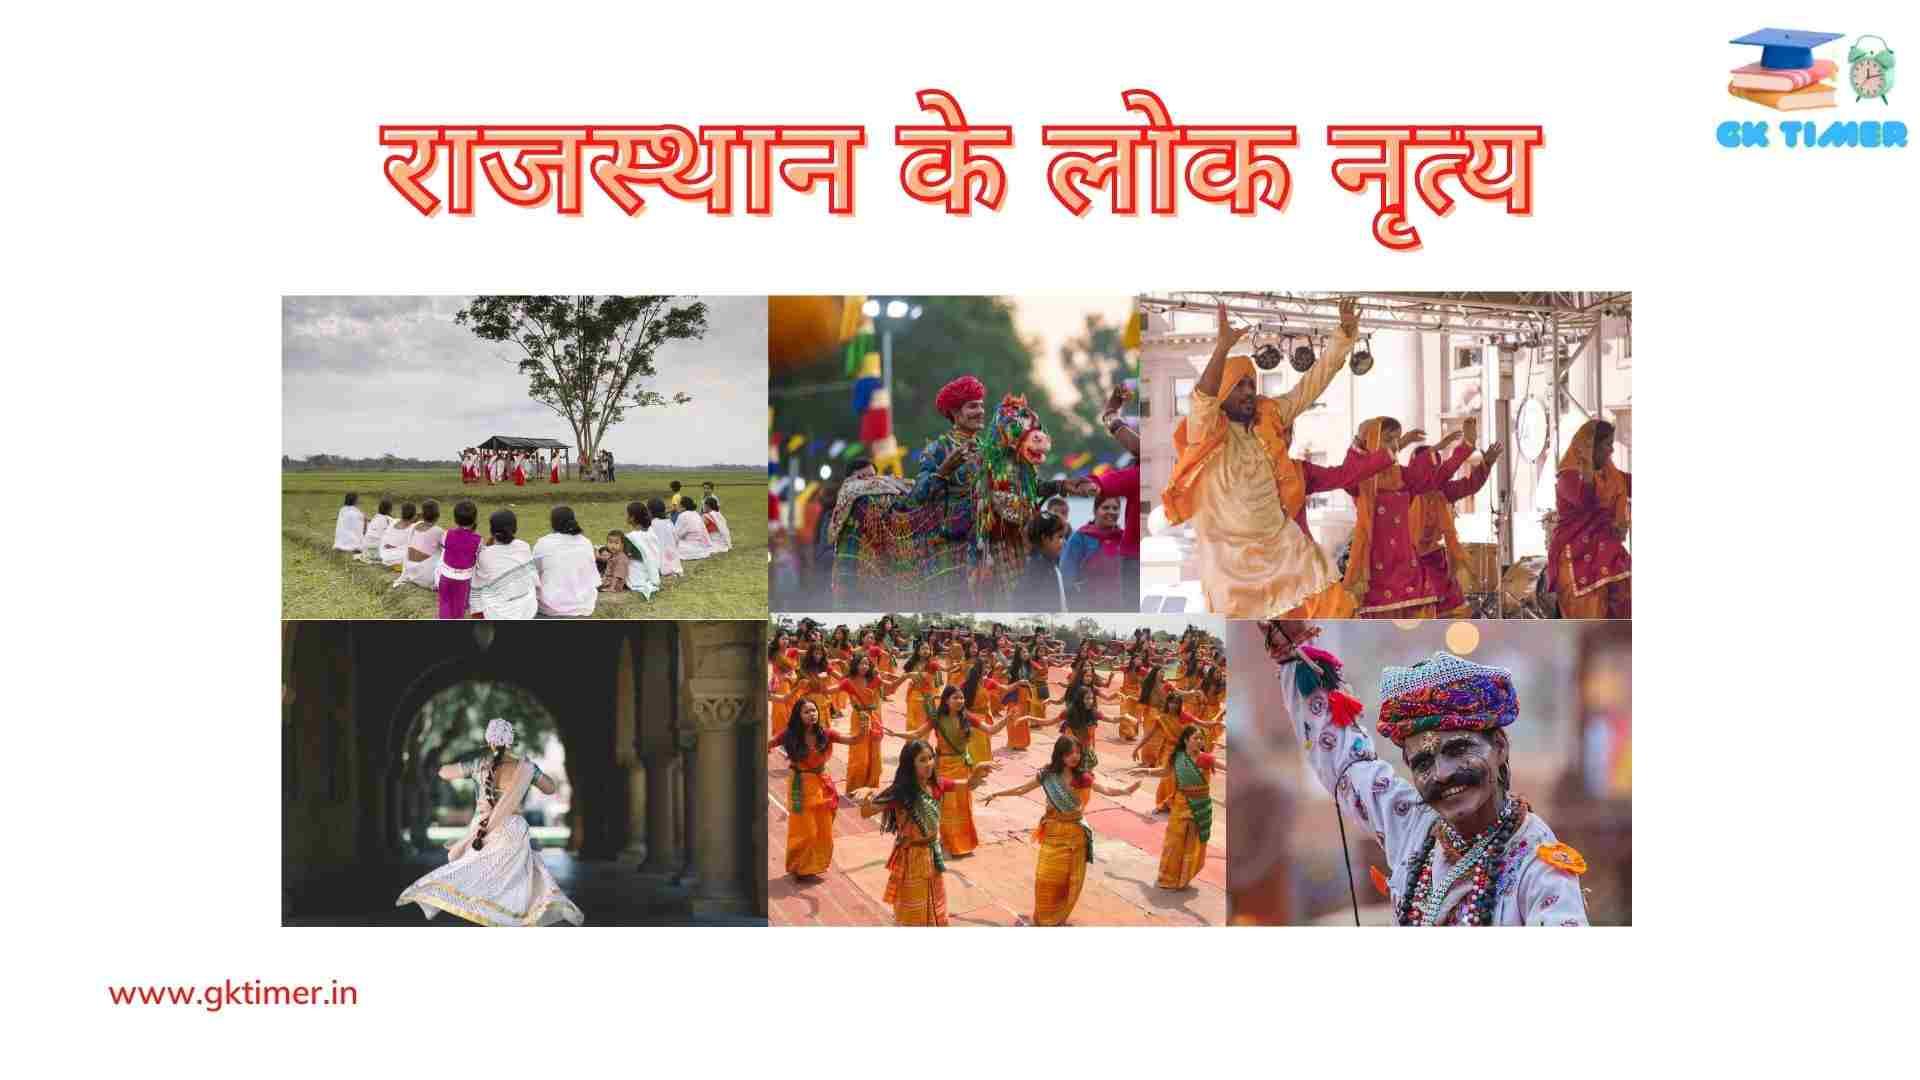 राजस्थान के लोकप्रिय लोक नृत्य(भवई, गैर, ख्याल, घूमर)  | Traditional folk dances of Rajasthan in Hindi